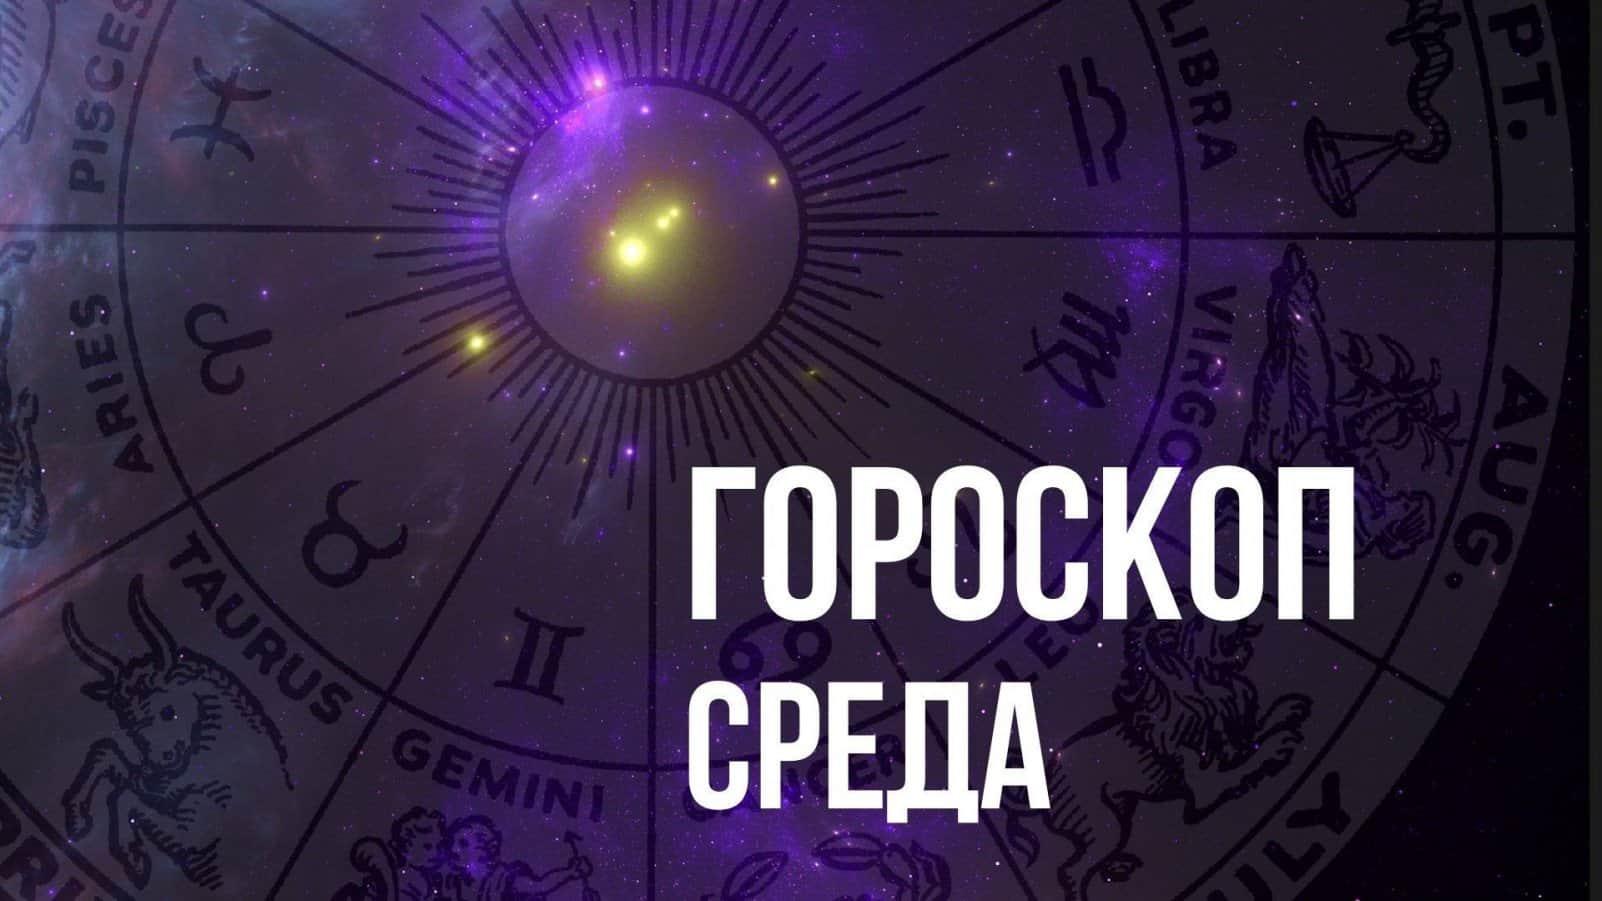 Гороскоп на среду 26 мая для каждого знака Зодиака и про лунное затмение